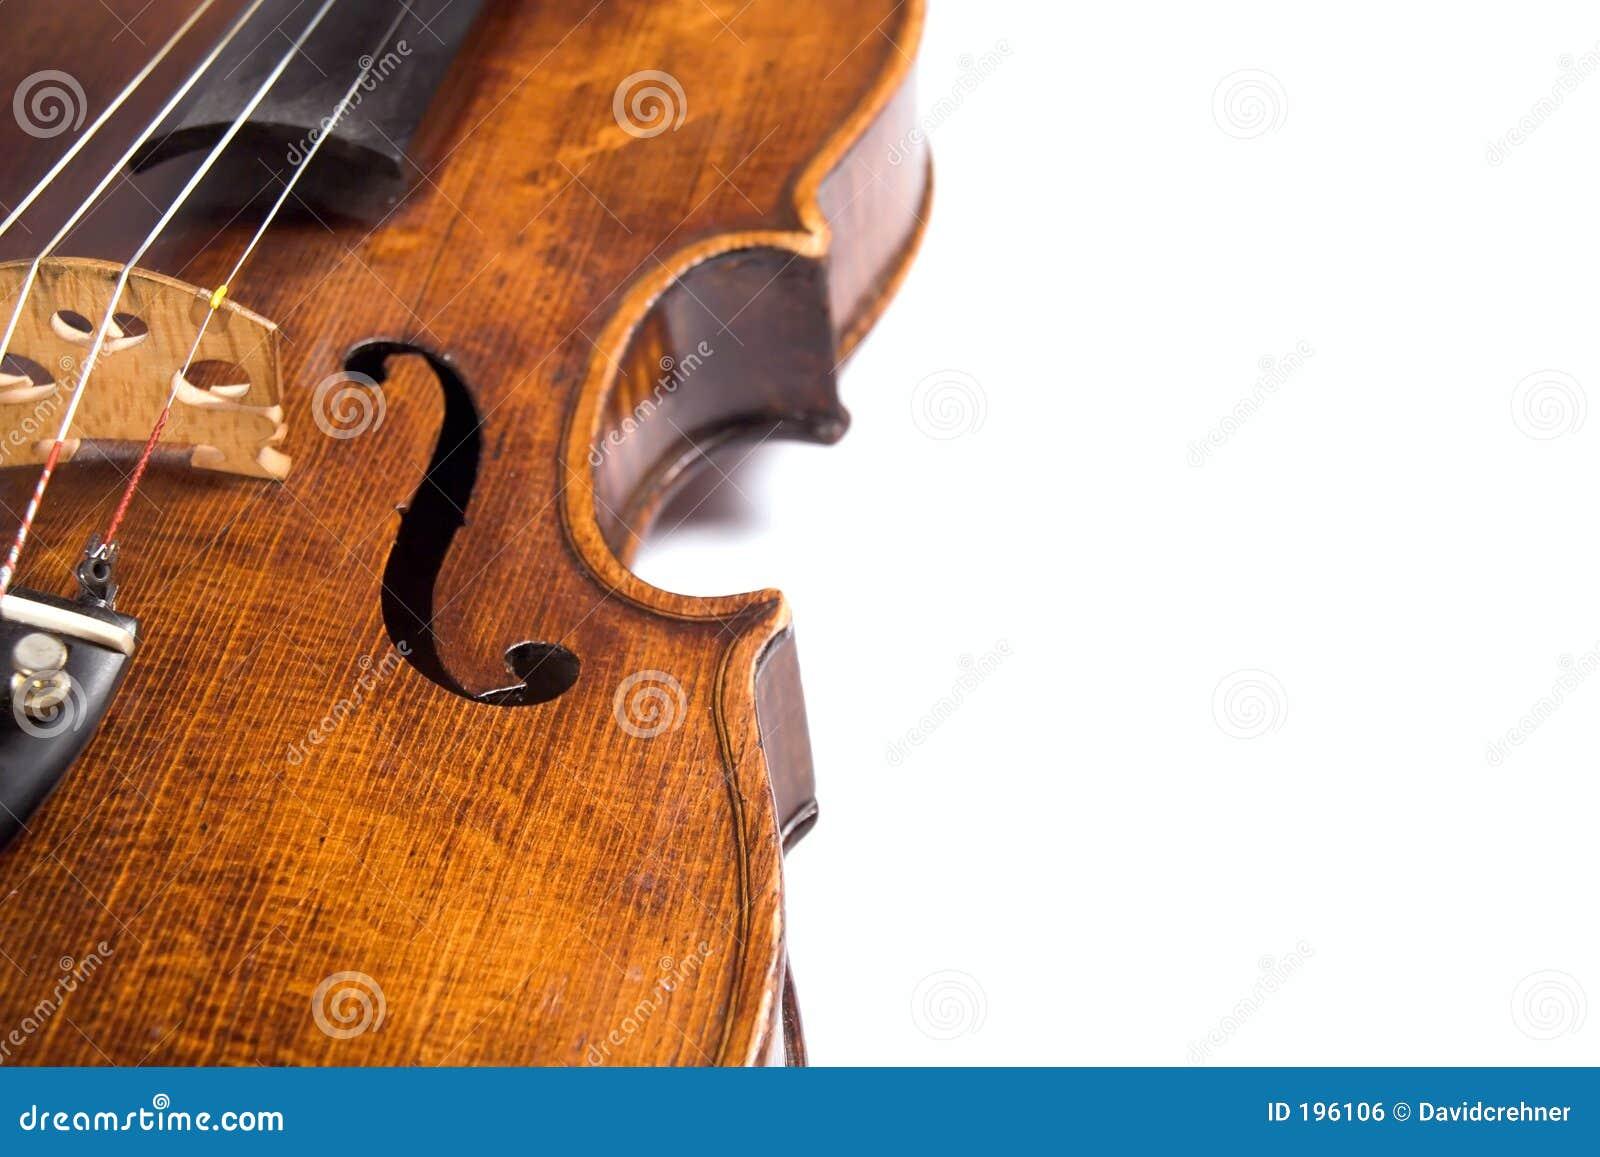 Nervures de violon